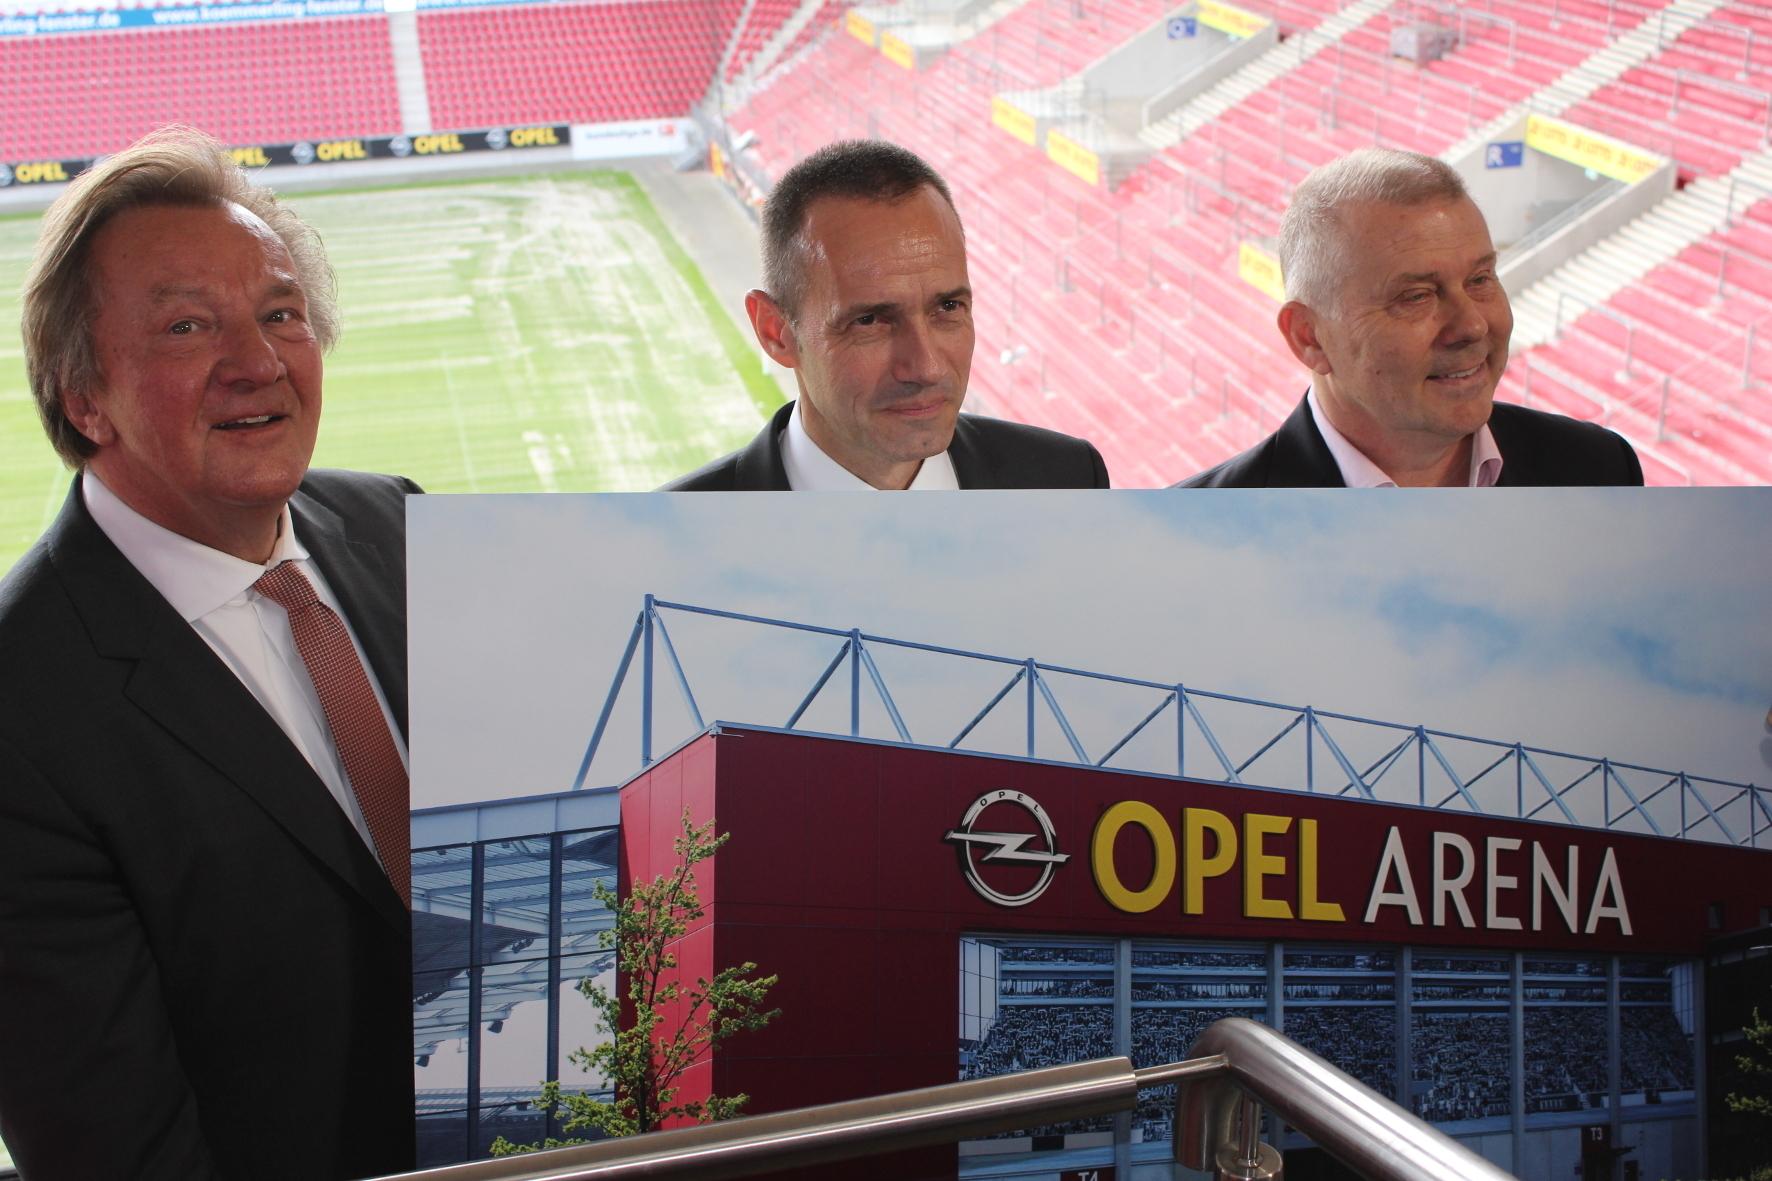 wid Groß-Gerau - FSV-Präsident Harald Strutz, Opels Exekutiv Direktor Verkauf, Marketing und Aftersales Jürgen Keller und Dag Heydecker, Geschäftsführer Marketing und Vertrieb von Mainz 05 präsentieren das neue Erscheinungsbild des Mainzer Stadions.